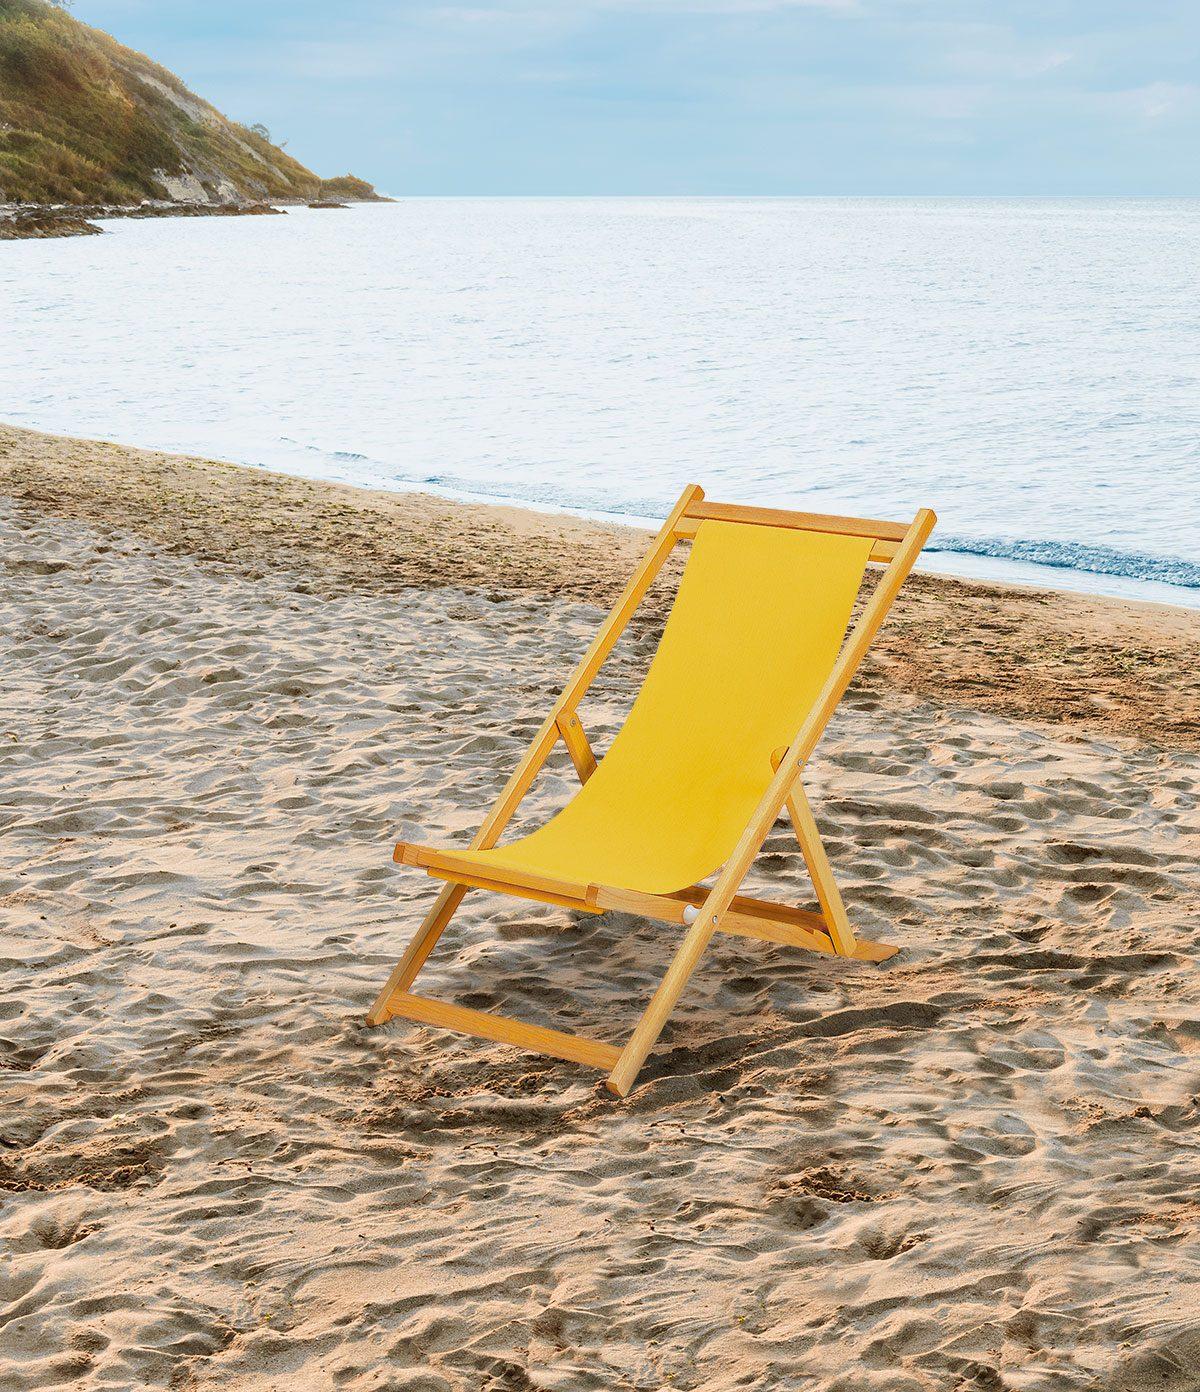 Sdraio Da Spiaggia In Legno.Sdraio Da Spiaggia E Mare In Alluminio E Legno